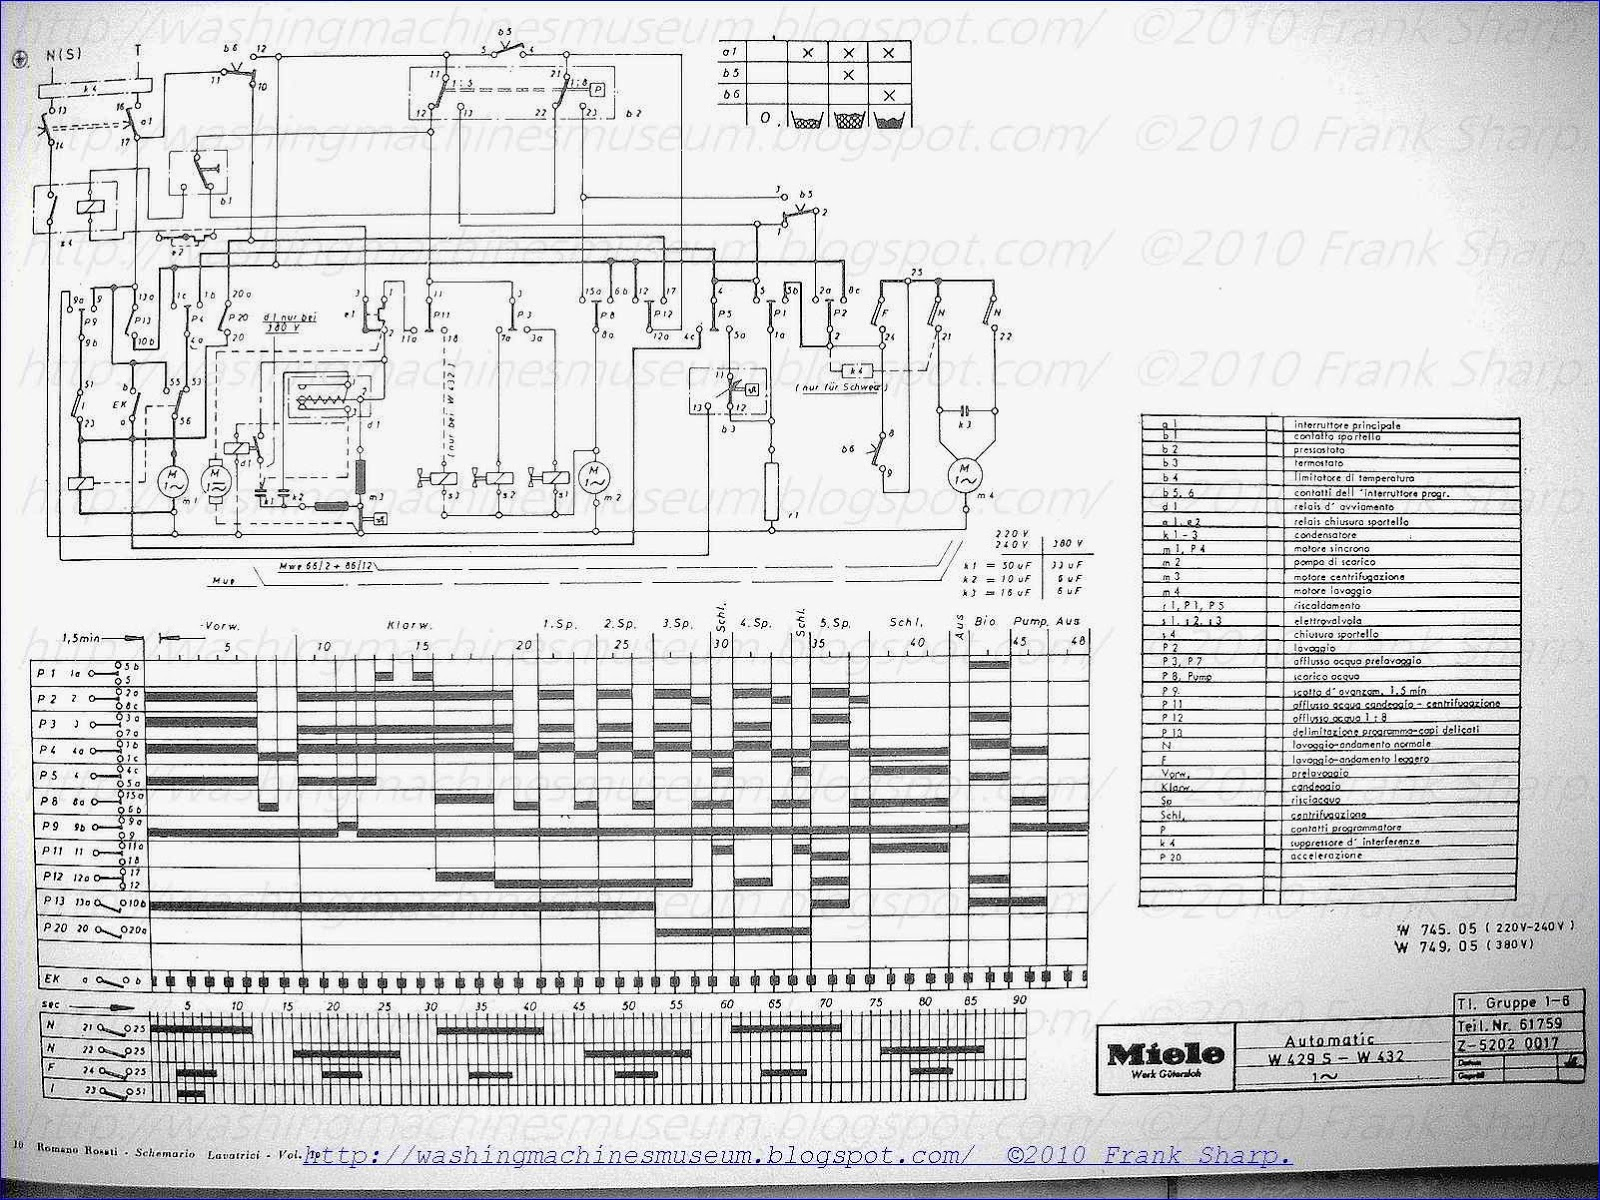 Washer Rama Museum: MIELE AUTOMATIC W429S  W432